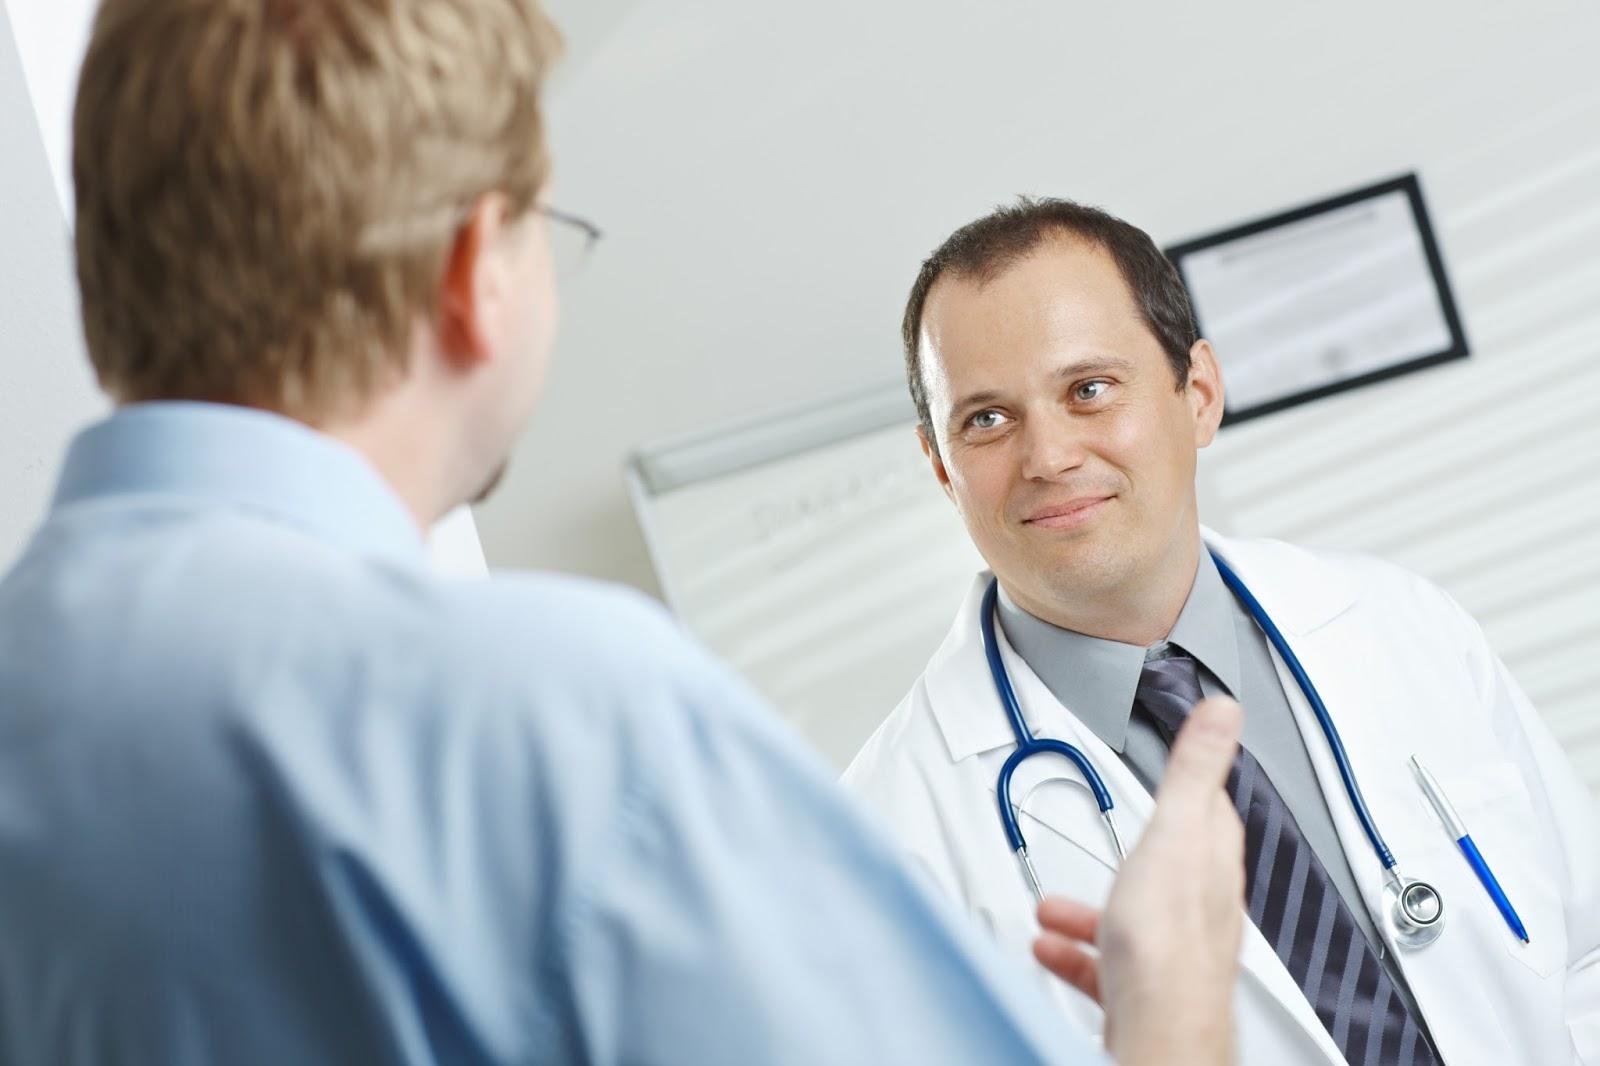 Hastalık Hastalığının (Hipokondriazis) Fizyolojik Belirtileri Nelerdir?